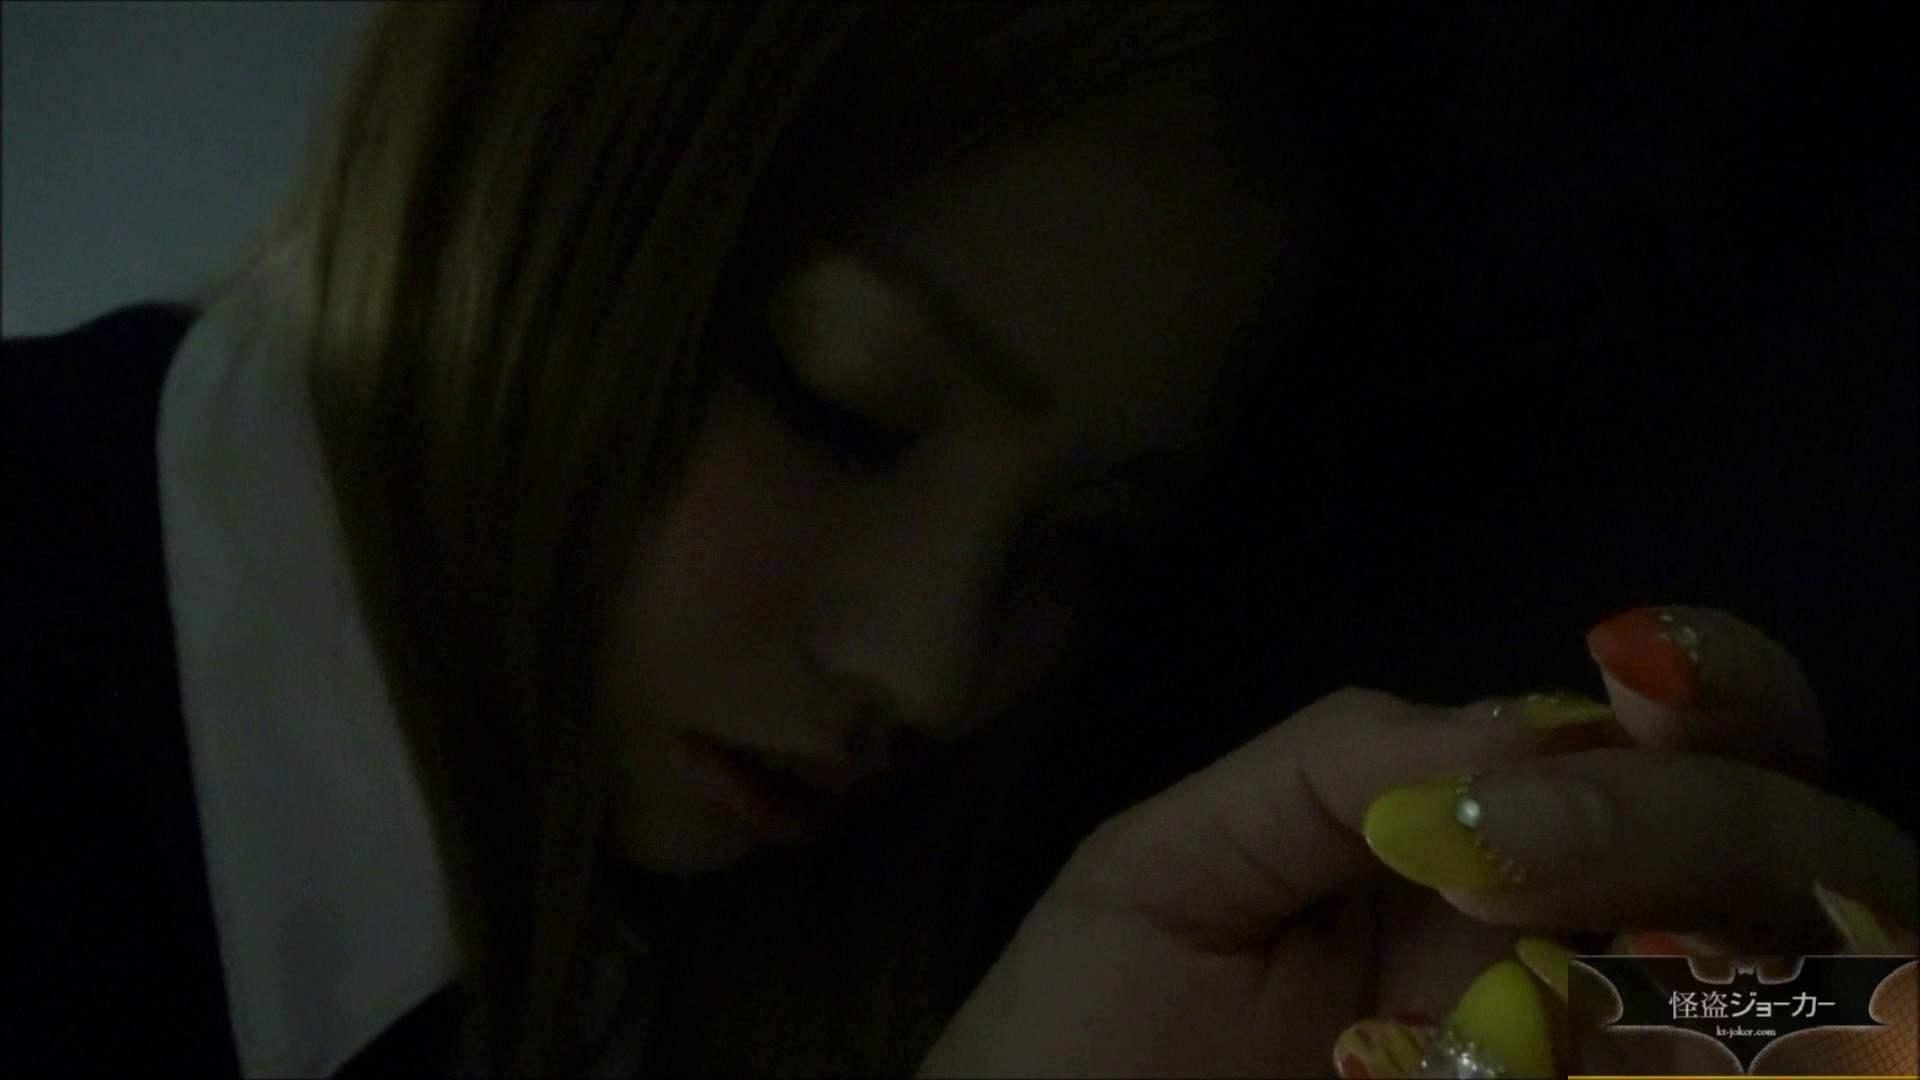 【未公開】vol.87 {茶髪美巨乳ギャル}アミちゃんのヌルヌル液w いじくり  111PIX 3